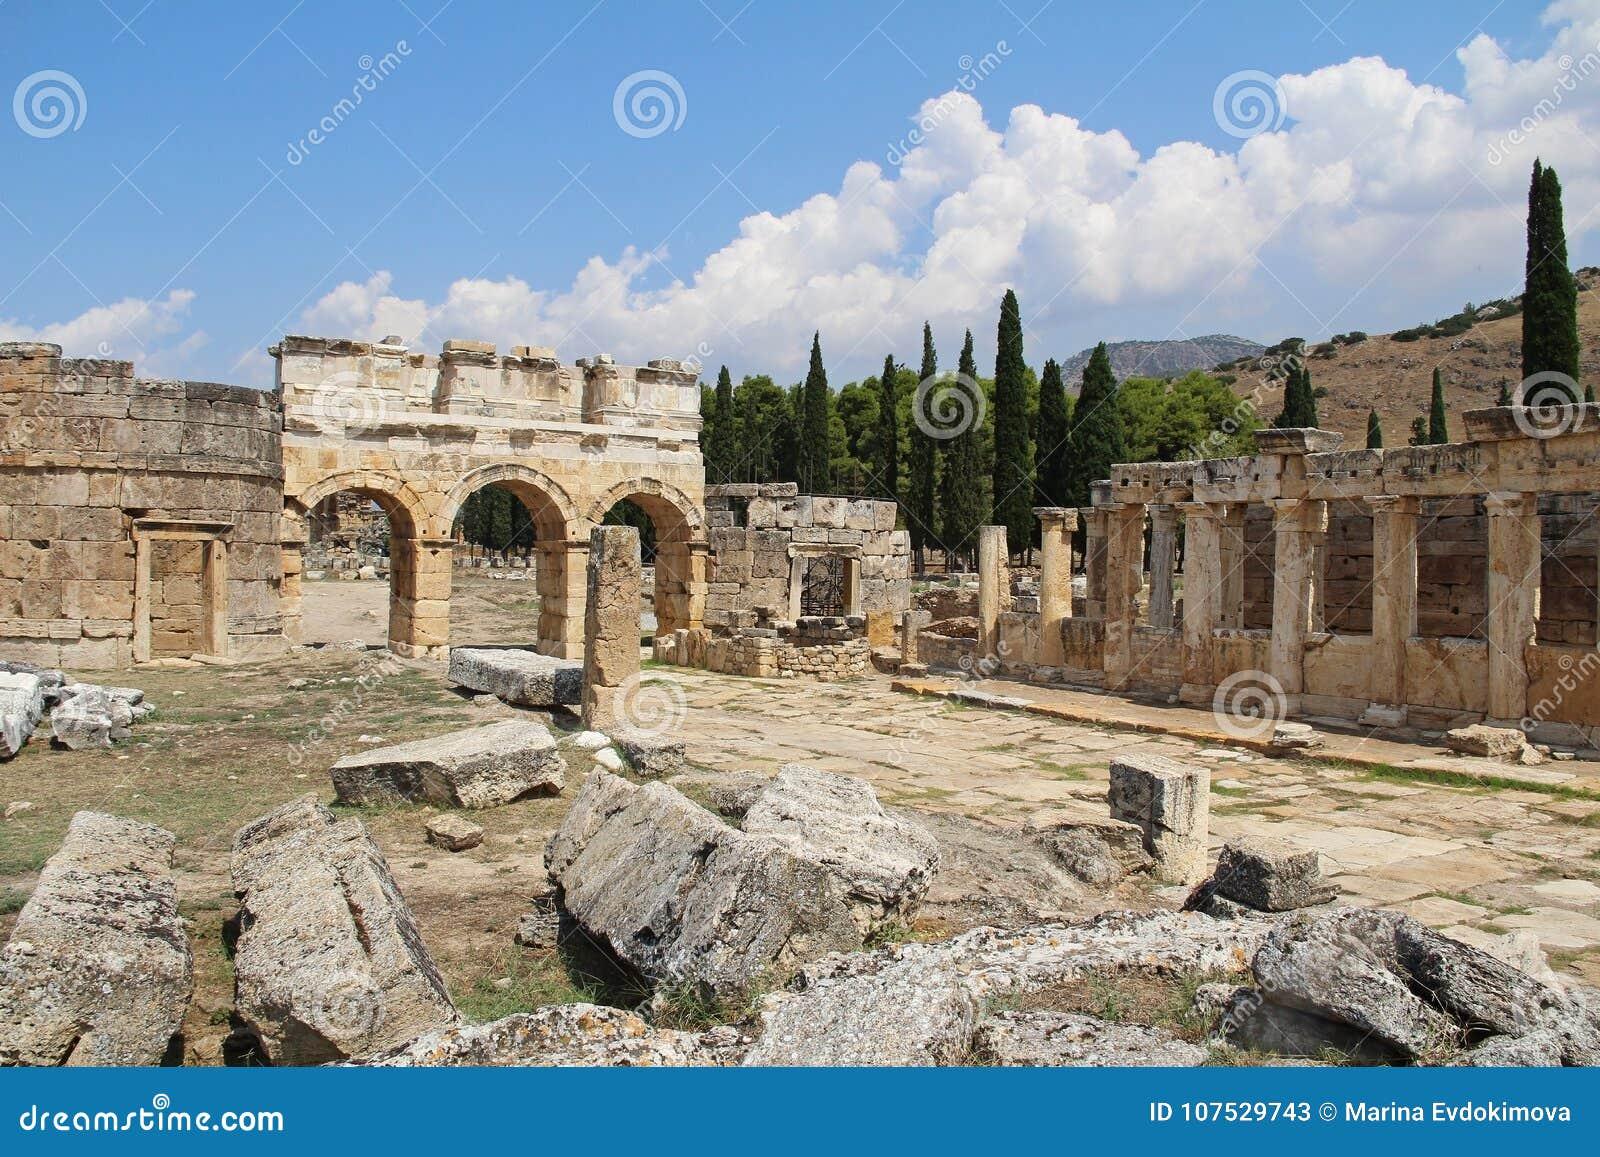 Las ruinas de la ciudad antigua de Hierapolis al lado de las piscinas del travertino de Pamukkale, Turquía La calle de Frontinus